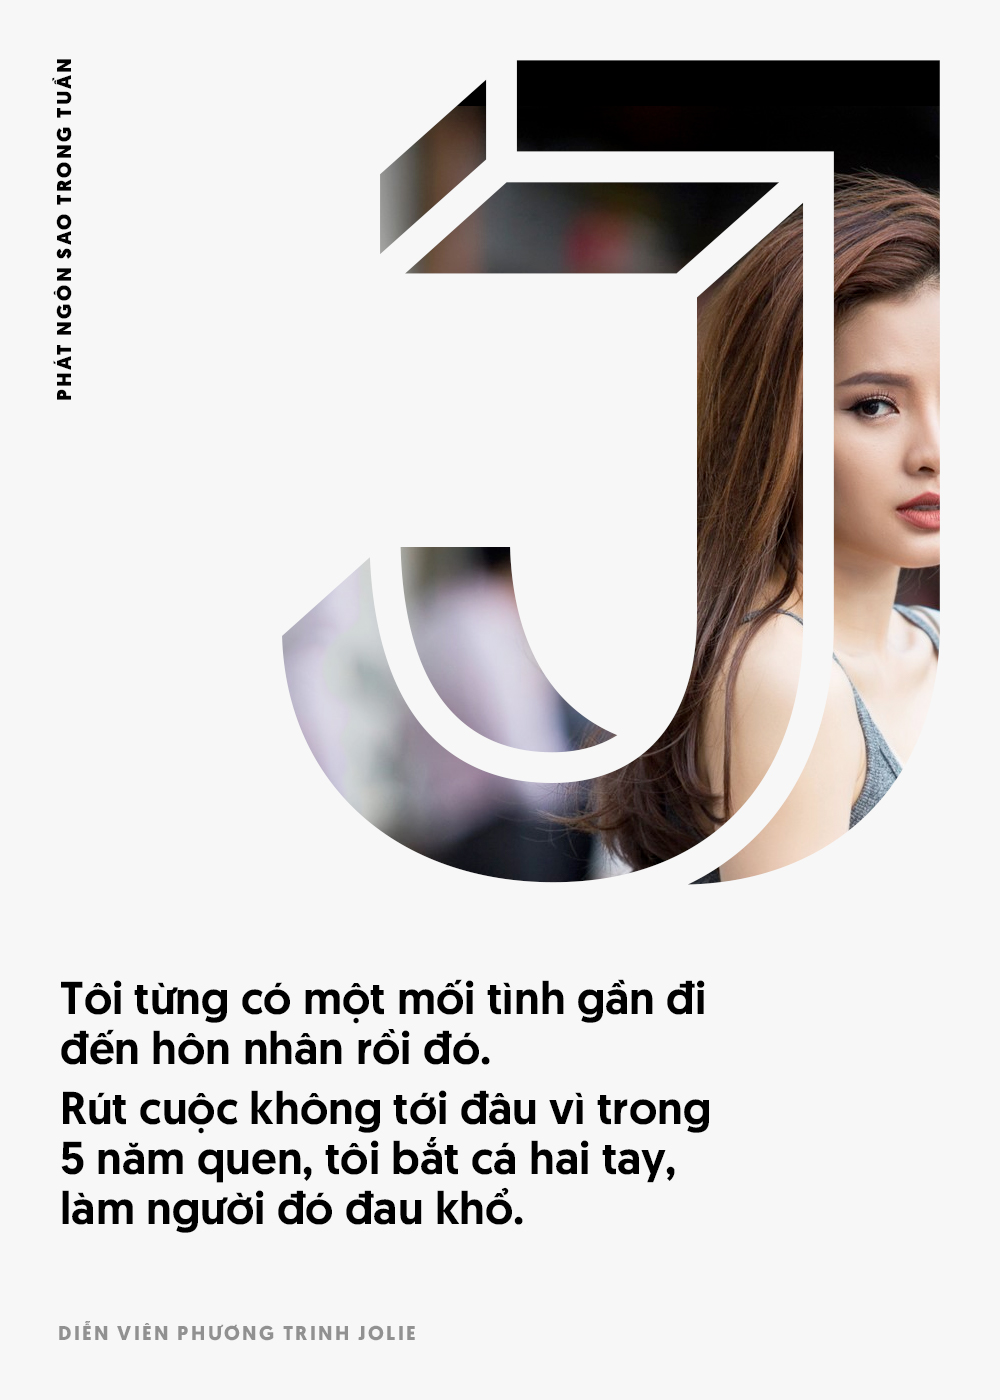 Đinh Ngọc Diệp và Victor Vũ giận nhau không quá 15 phút; MC Quỳnh Chi